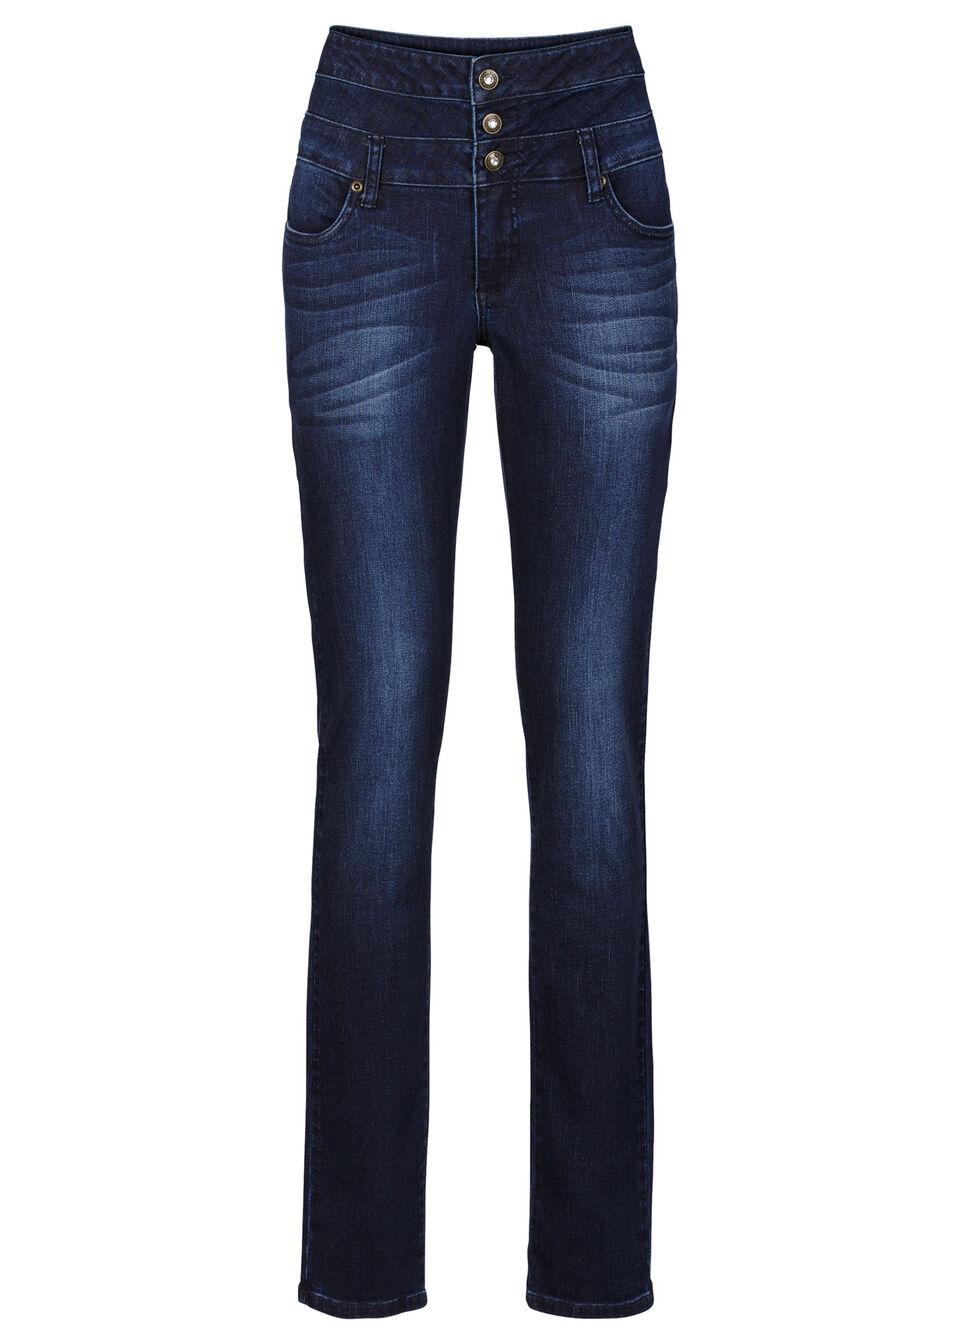 Jeanşi Skinny cu talie înaltă bonprix